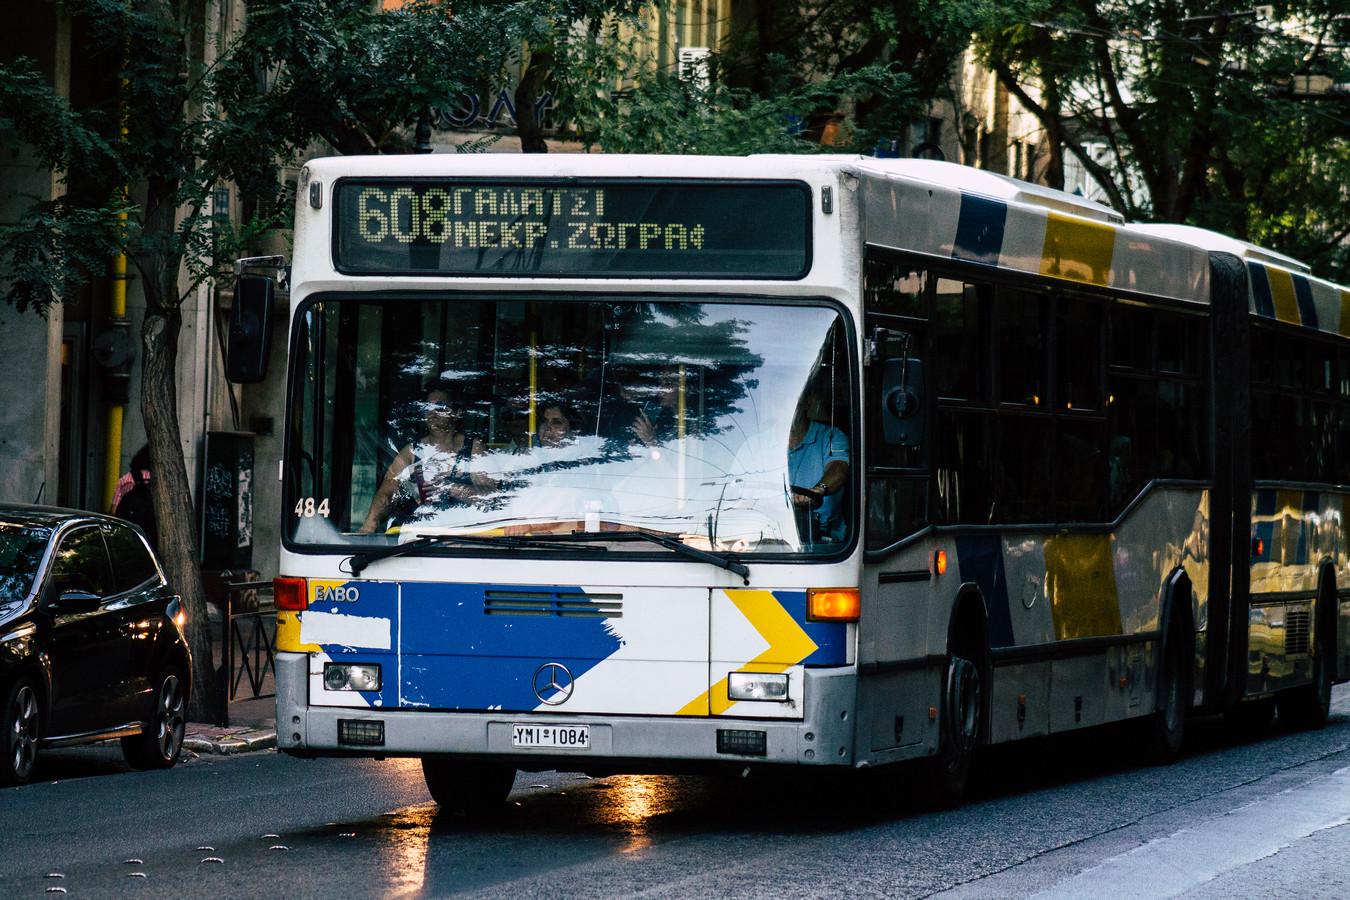 Foto ter illustratie, niet de bus in kwestie.